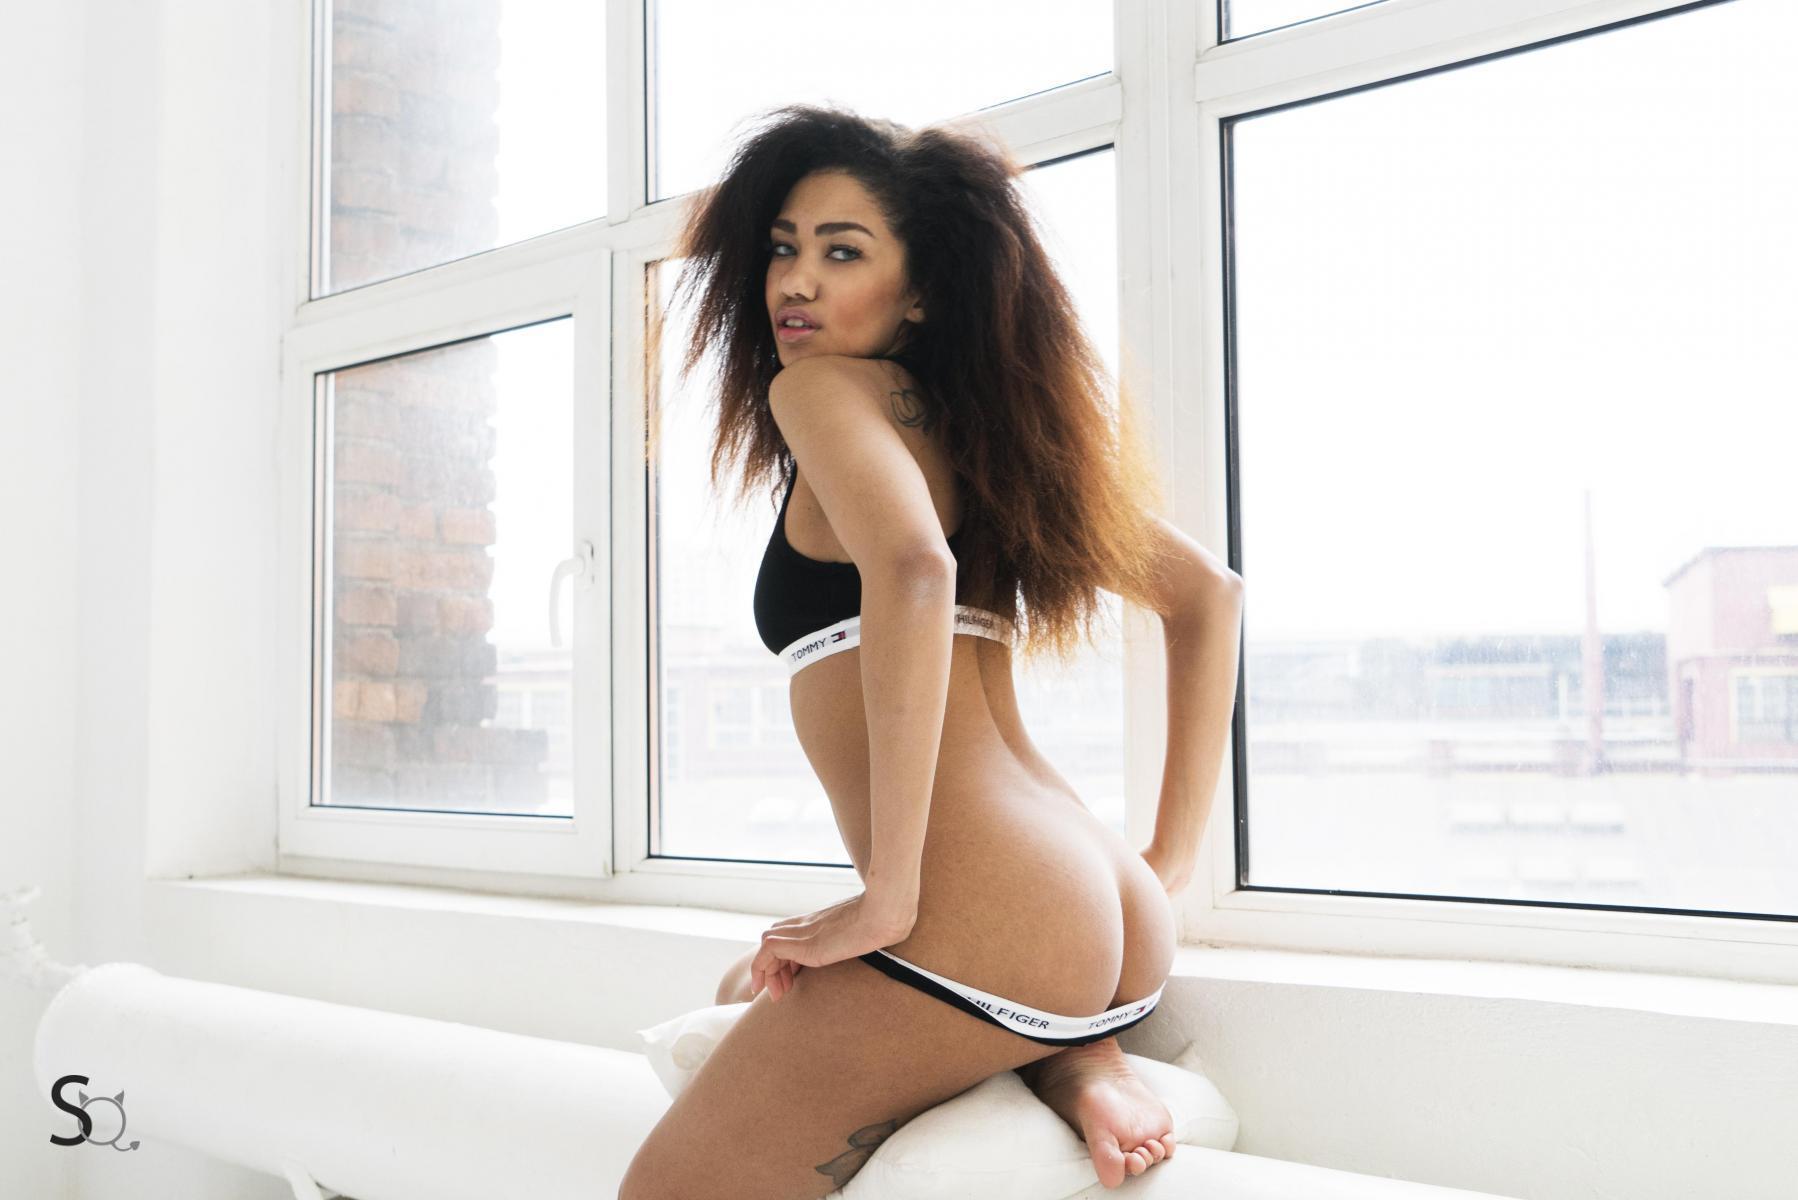 Horny RitaQ strips naked for StasyQ   Daily Girls @ Female Update